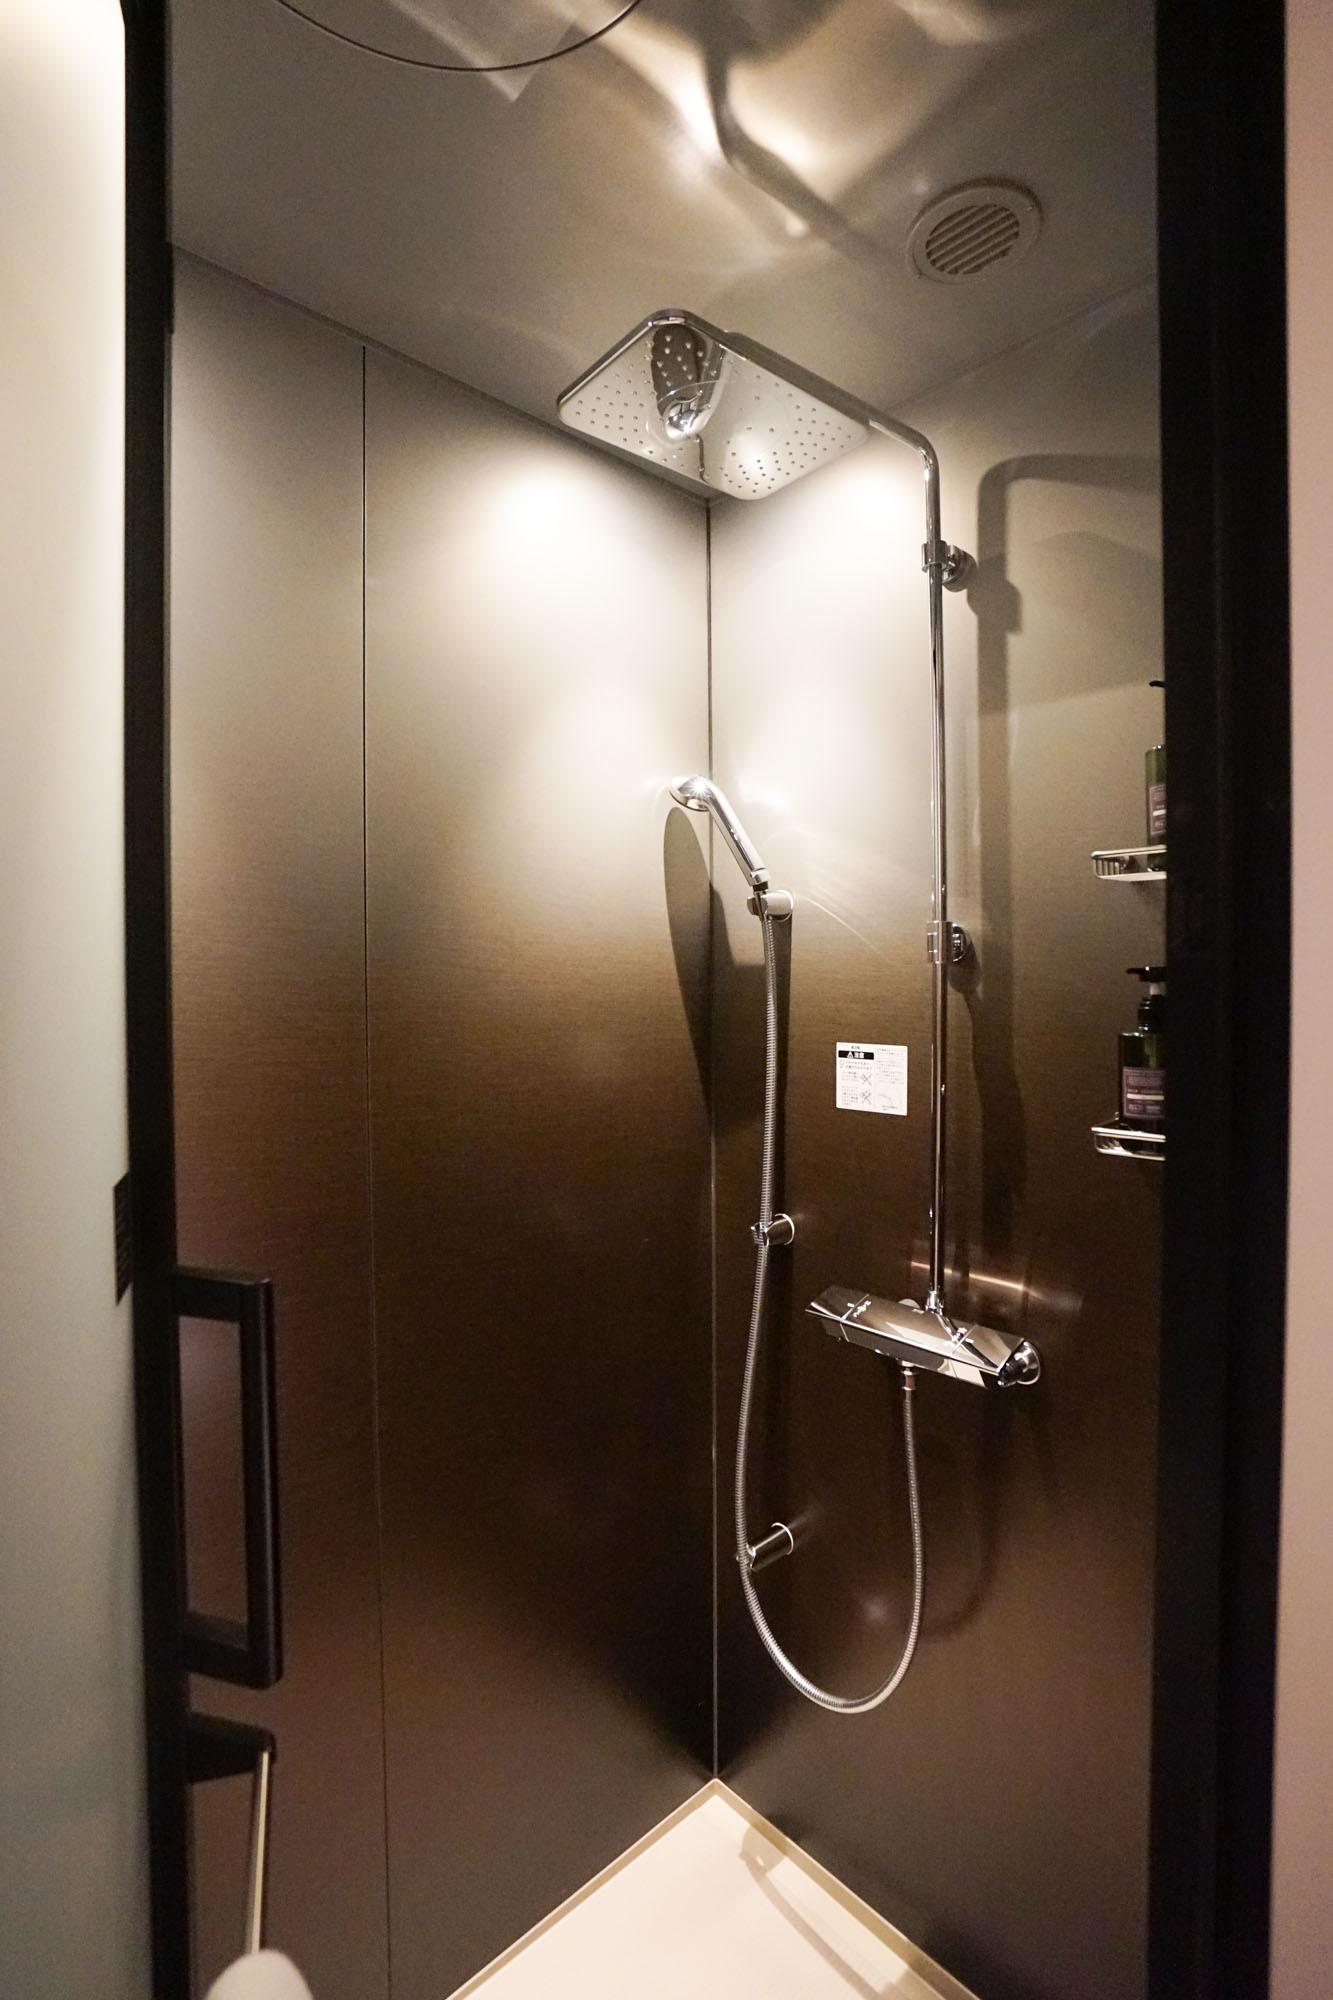 シャワールームはこちら。真上から降り注ぐレインシャワーでリラックスできます。